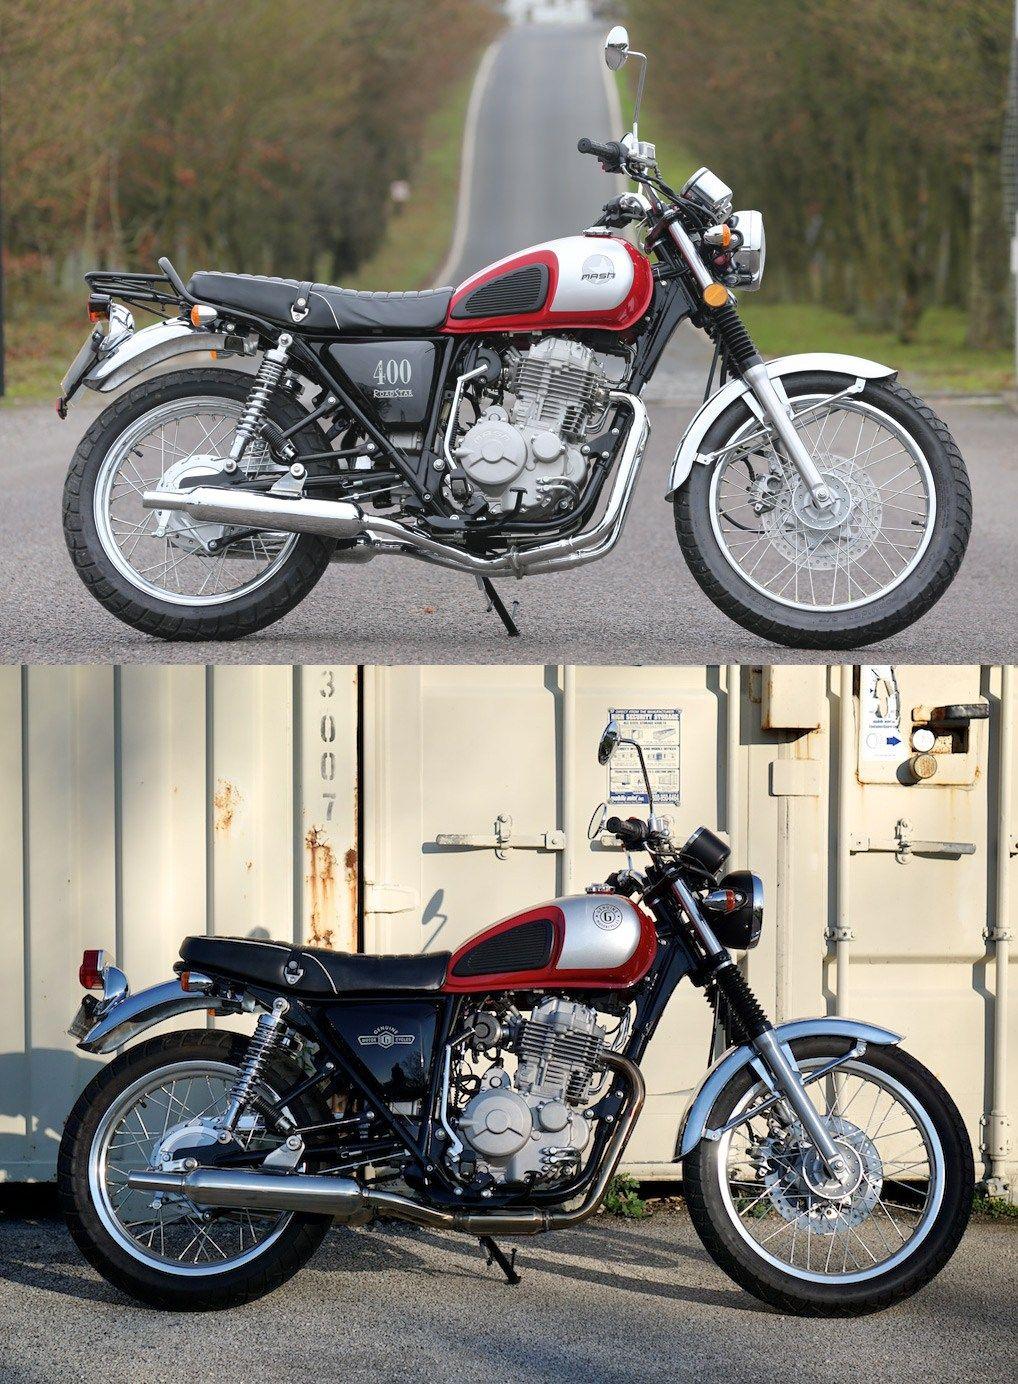 Genuine g400c motorcycle